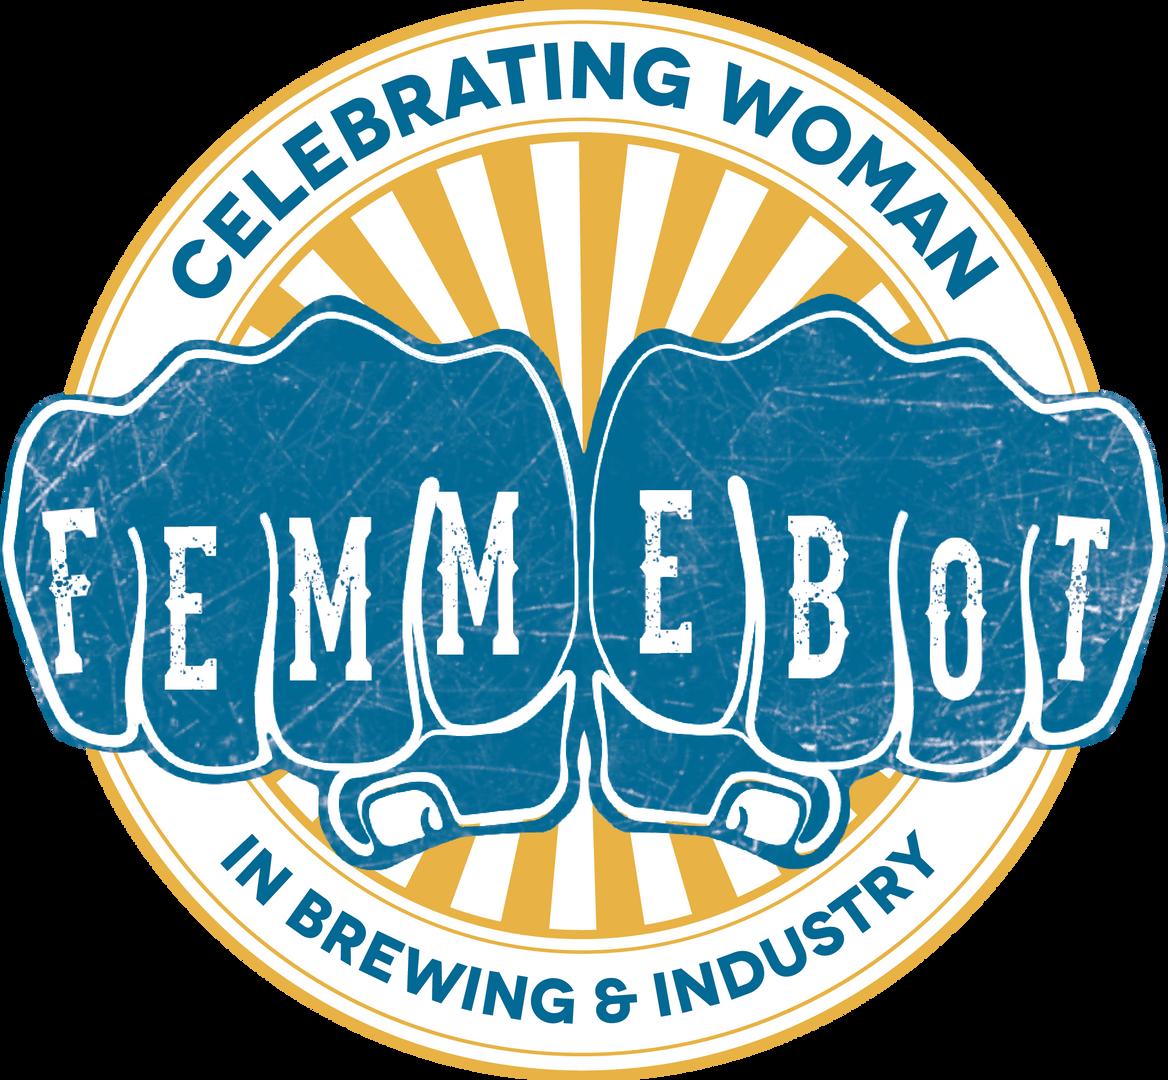 FemmeBot_Mar2019.png